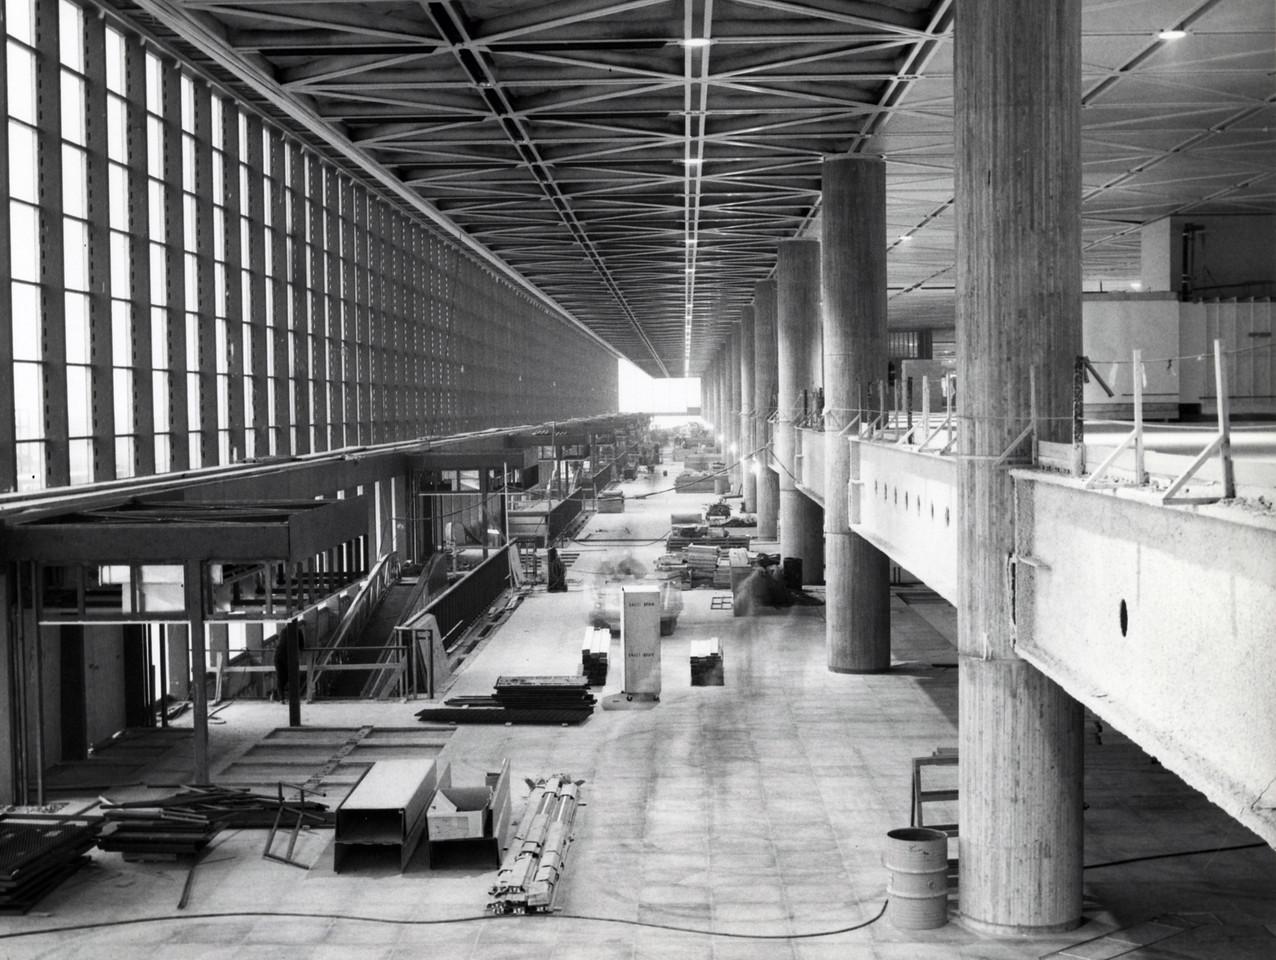 8 -  Aérogare de Mirabel - Hall d'entrée avec rampe d'accès